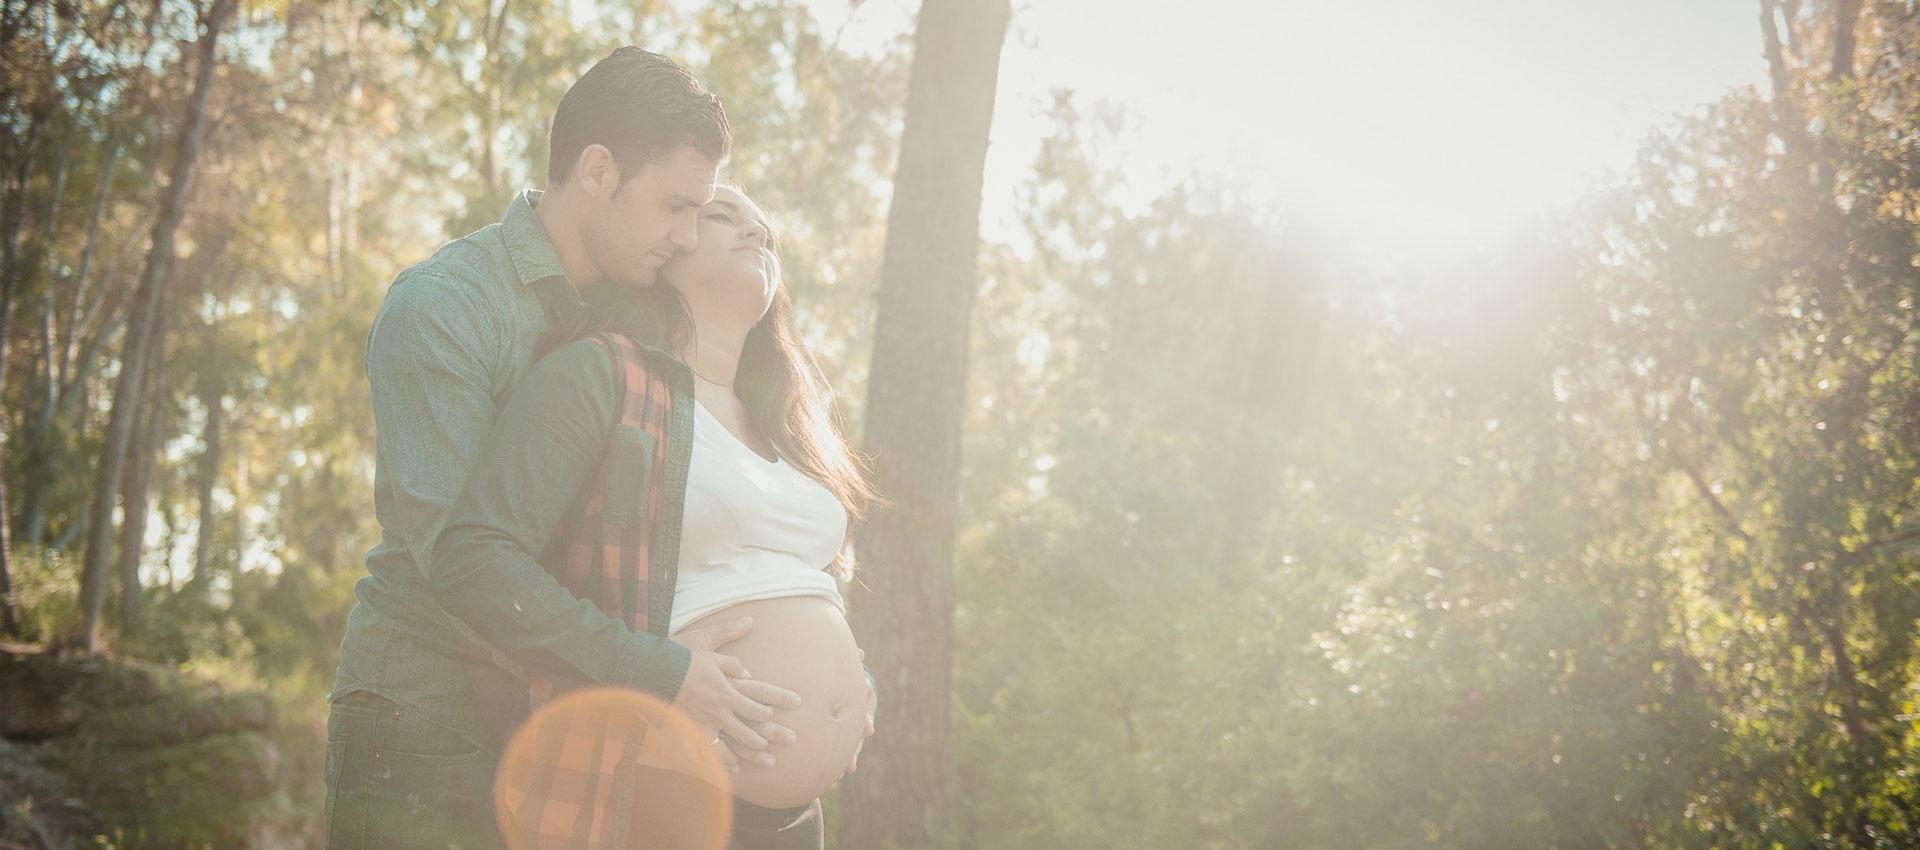 mimo2 Bebés y Familia - video boda cadiz